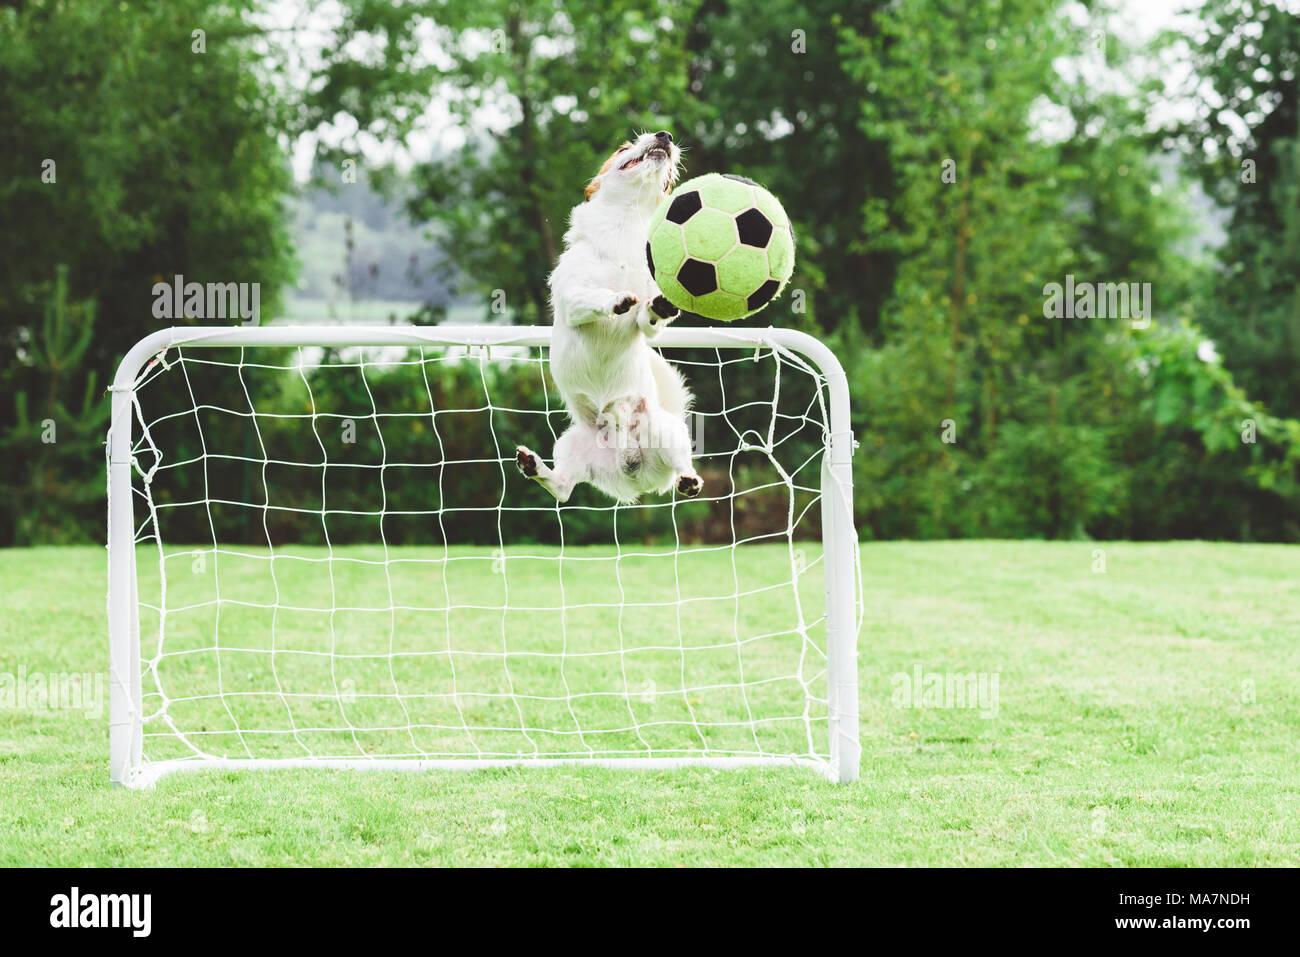 Comic Hund Fangen Fussball Fussball Kugel Speichern Ziel Der